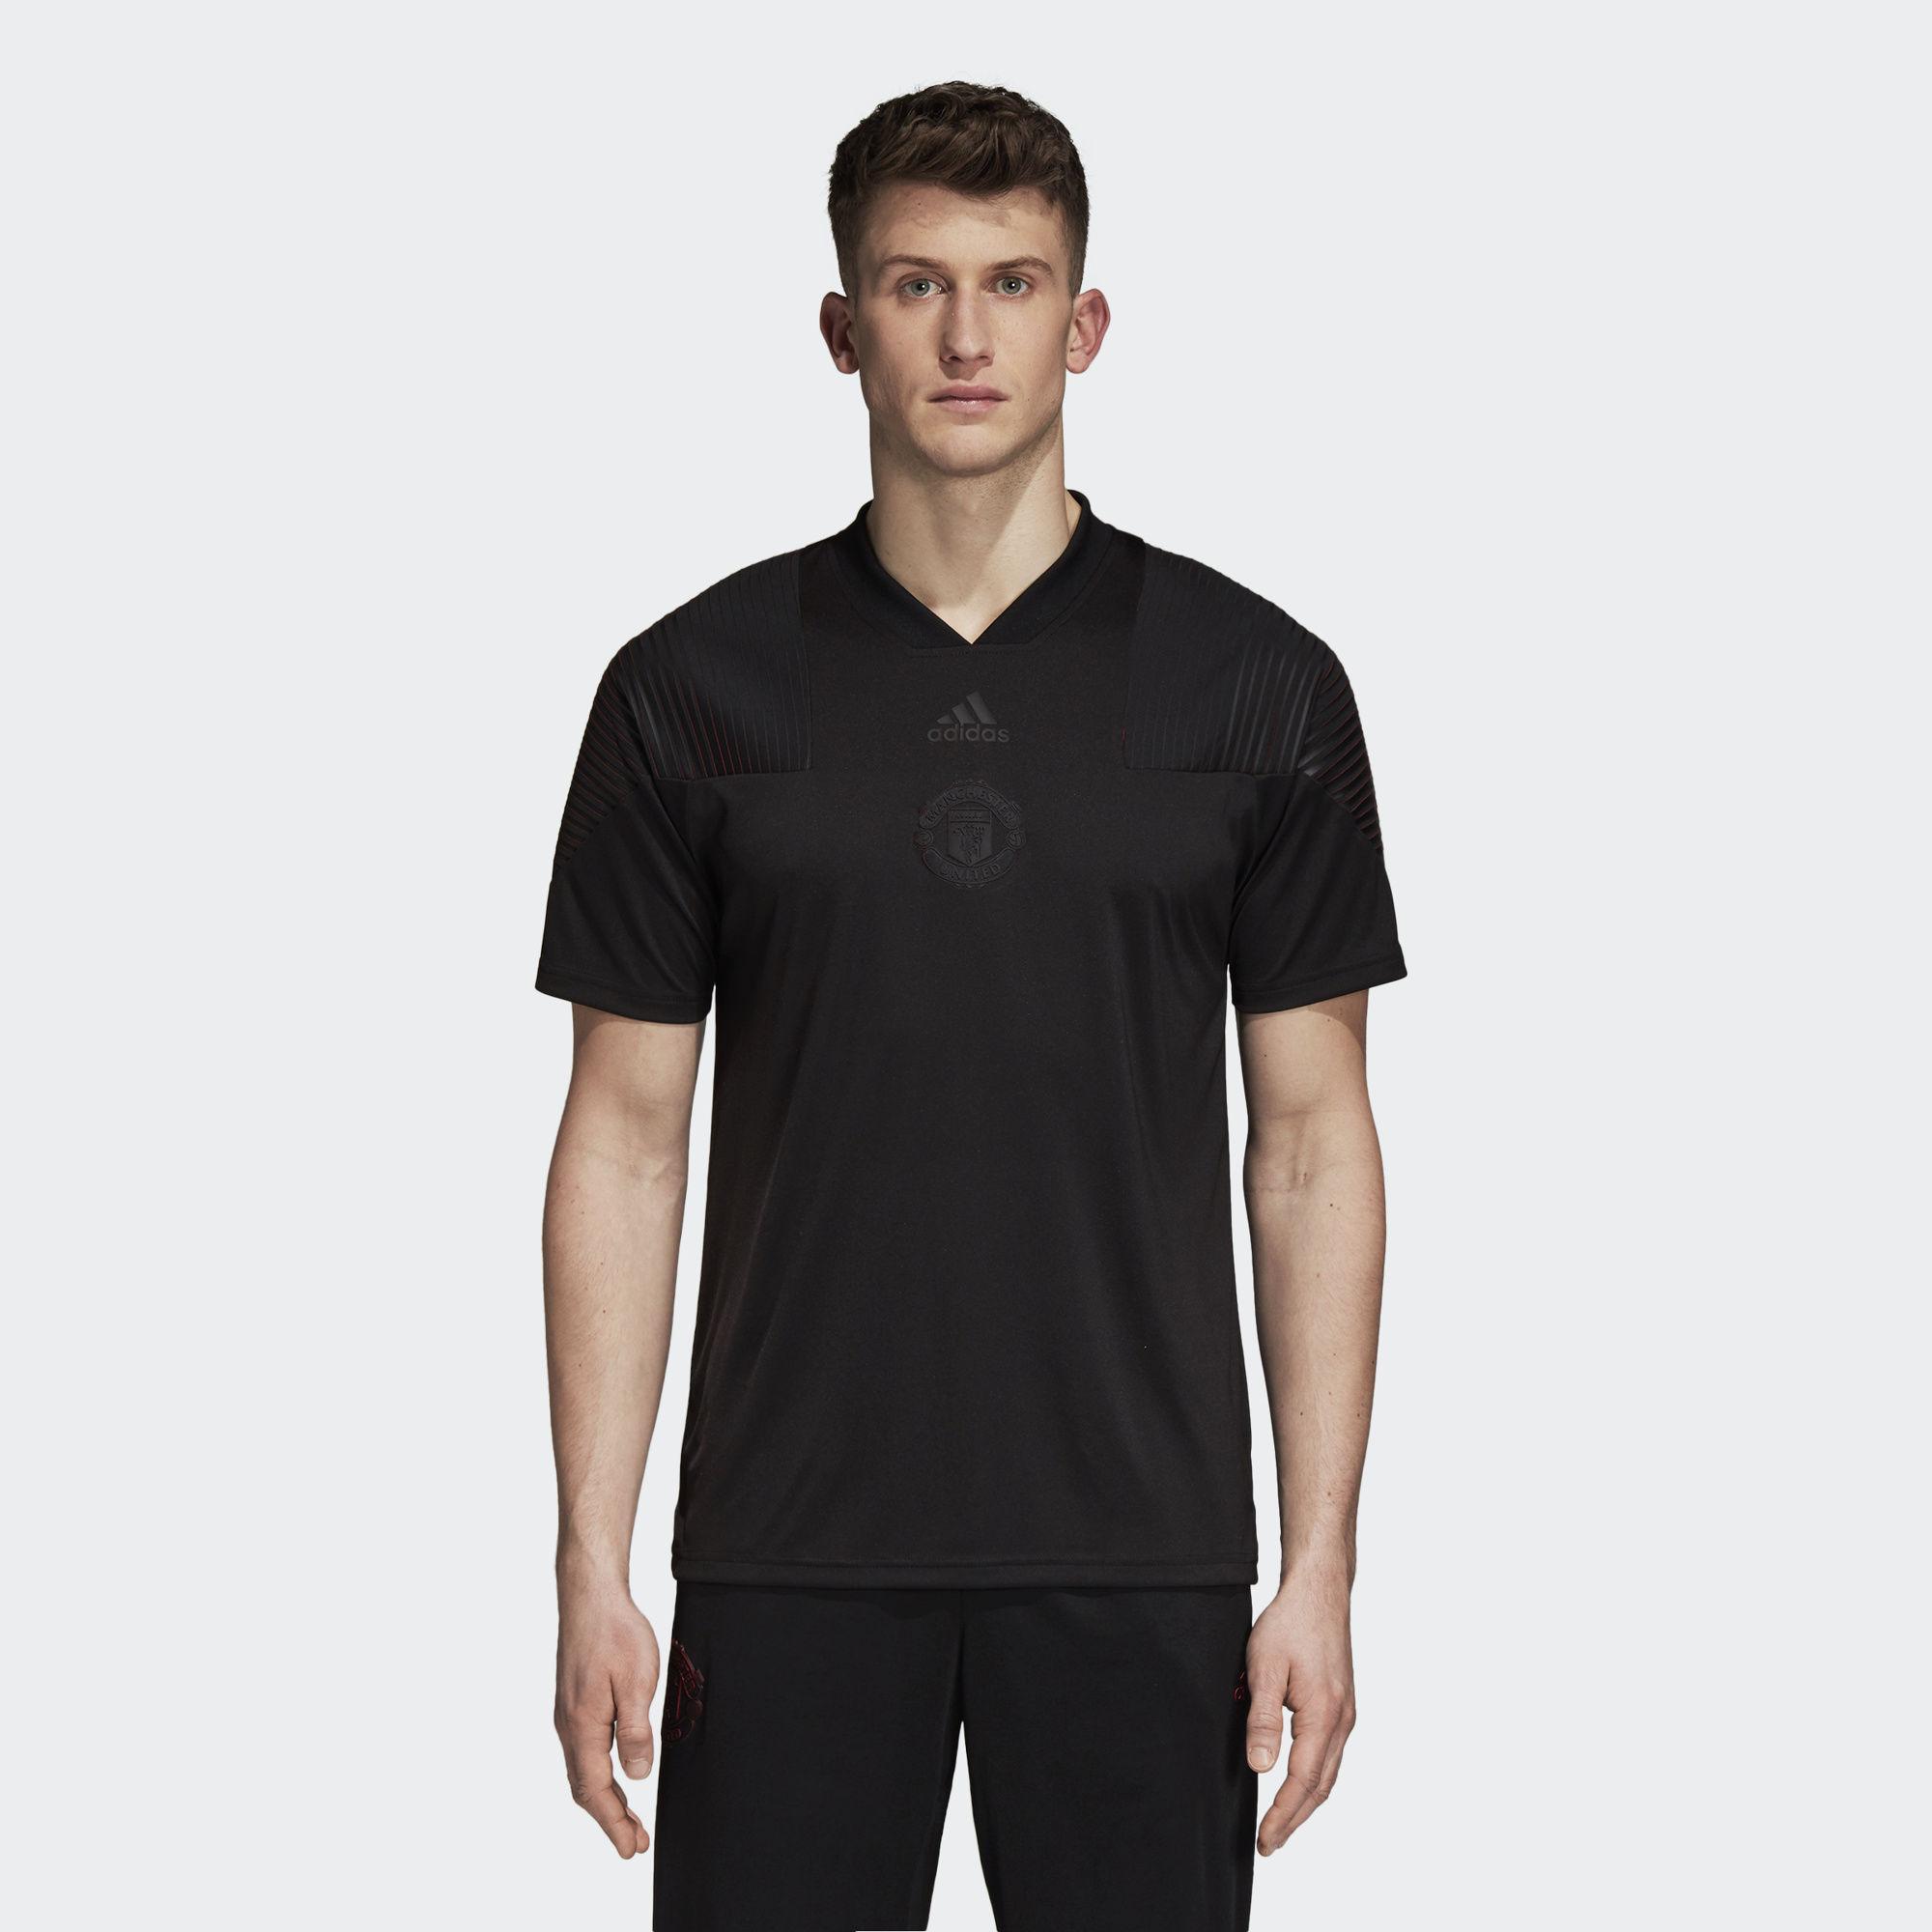 daa32c38779 Gallery. Previously sold at  Adidas · Men s Neon T Shirts ...